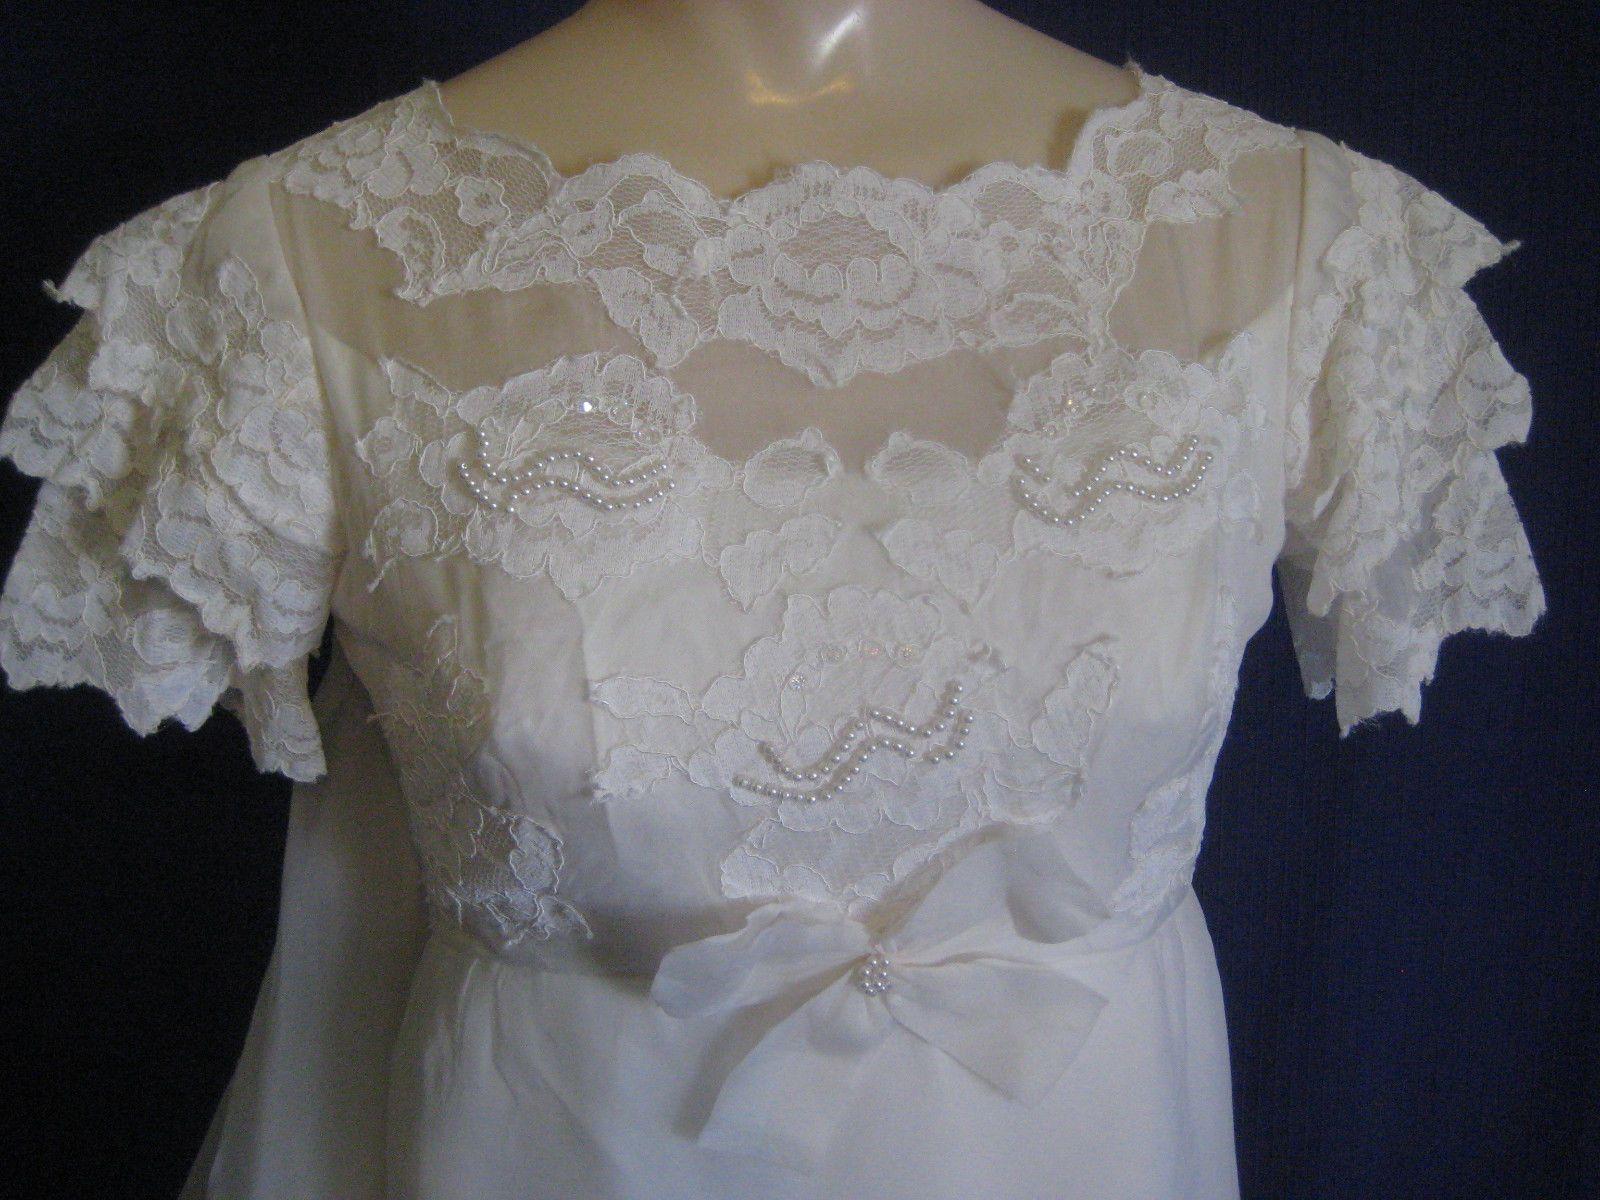 vtg 1960s WEDDING DRESS sz XS XXS Petite gown long train off-white lace beads | eBay